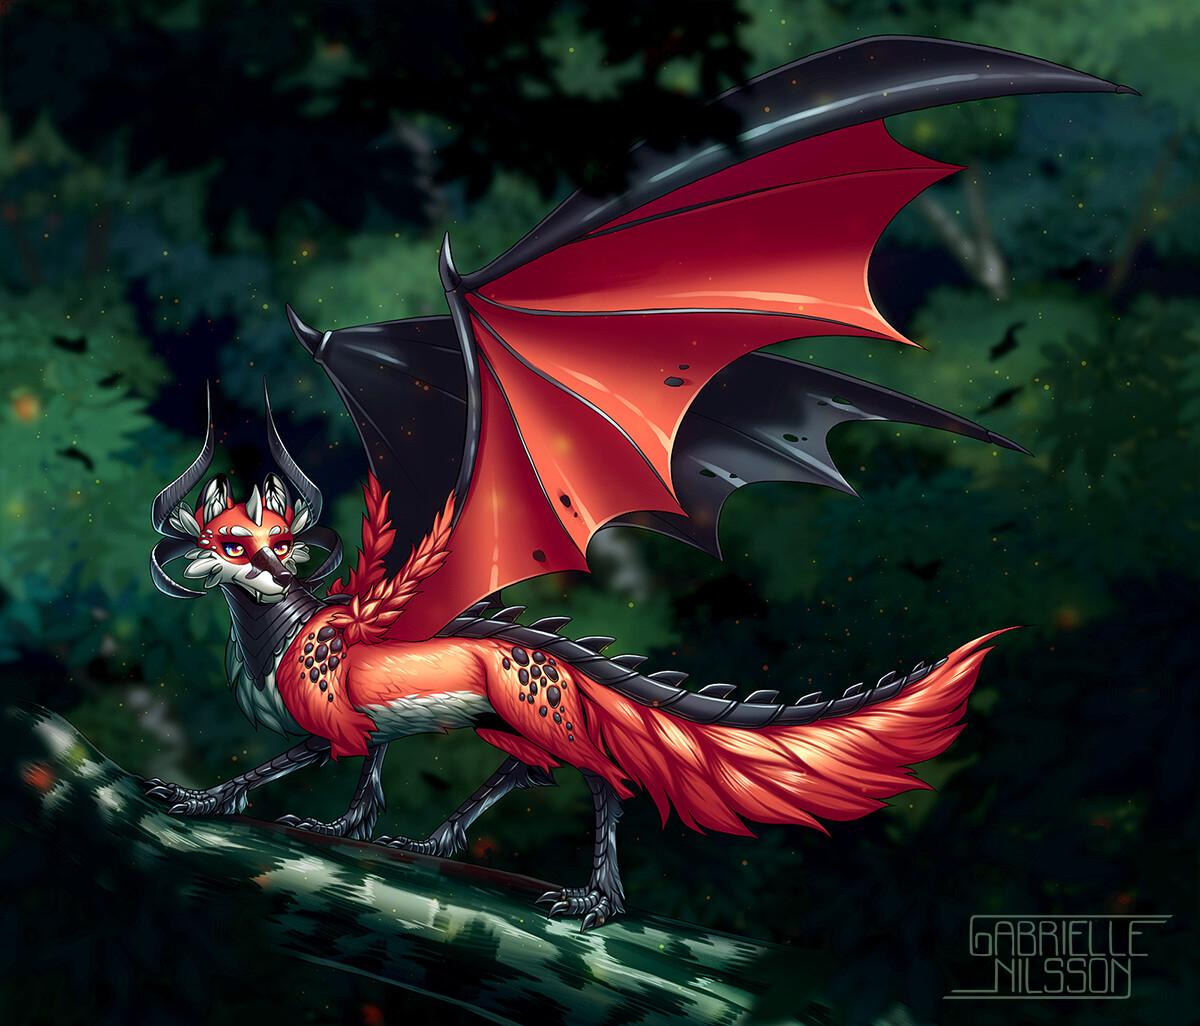 Gabrielle nilsson fox dragon3